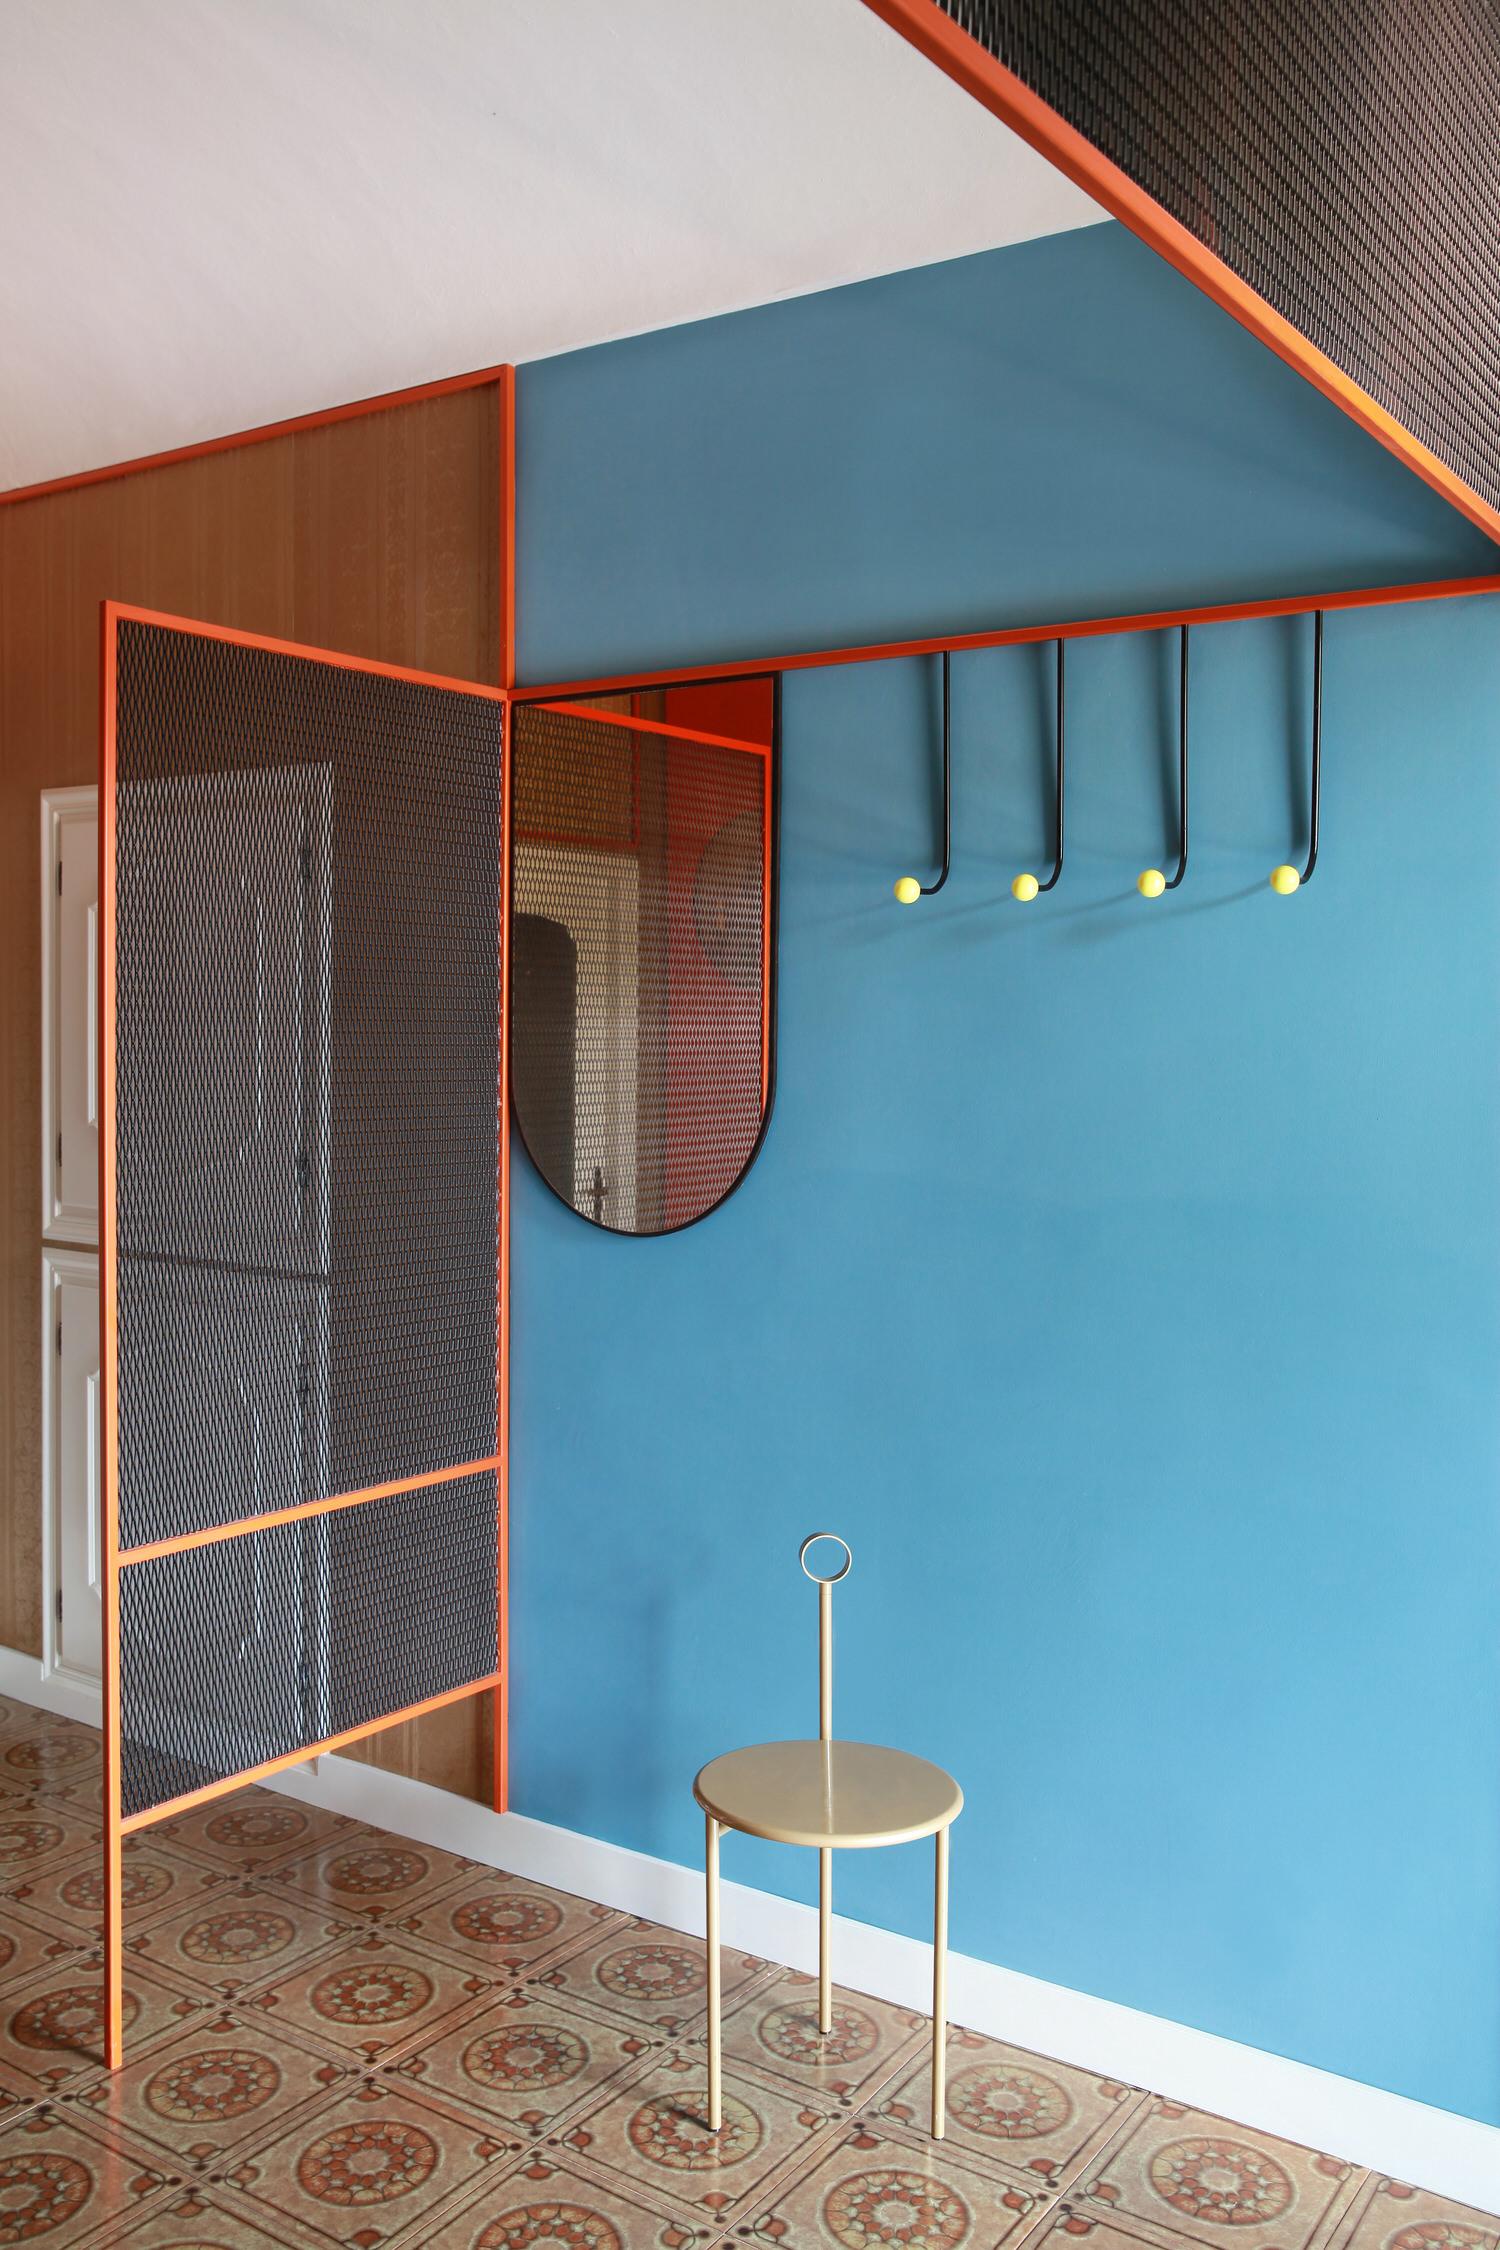 Marcante Testa Private House Renovation Cavallermaggiore Photo Carola Ripamonti Yellowtrace 09